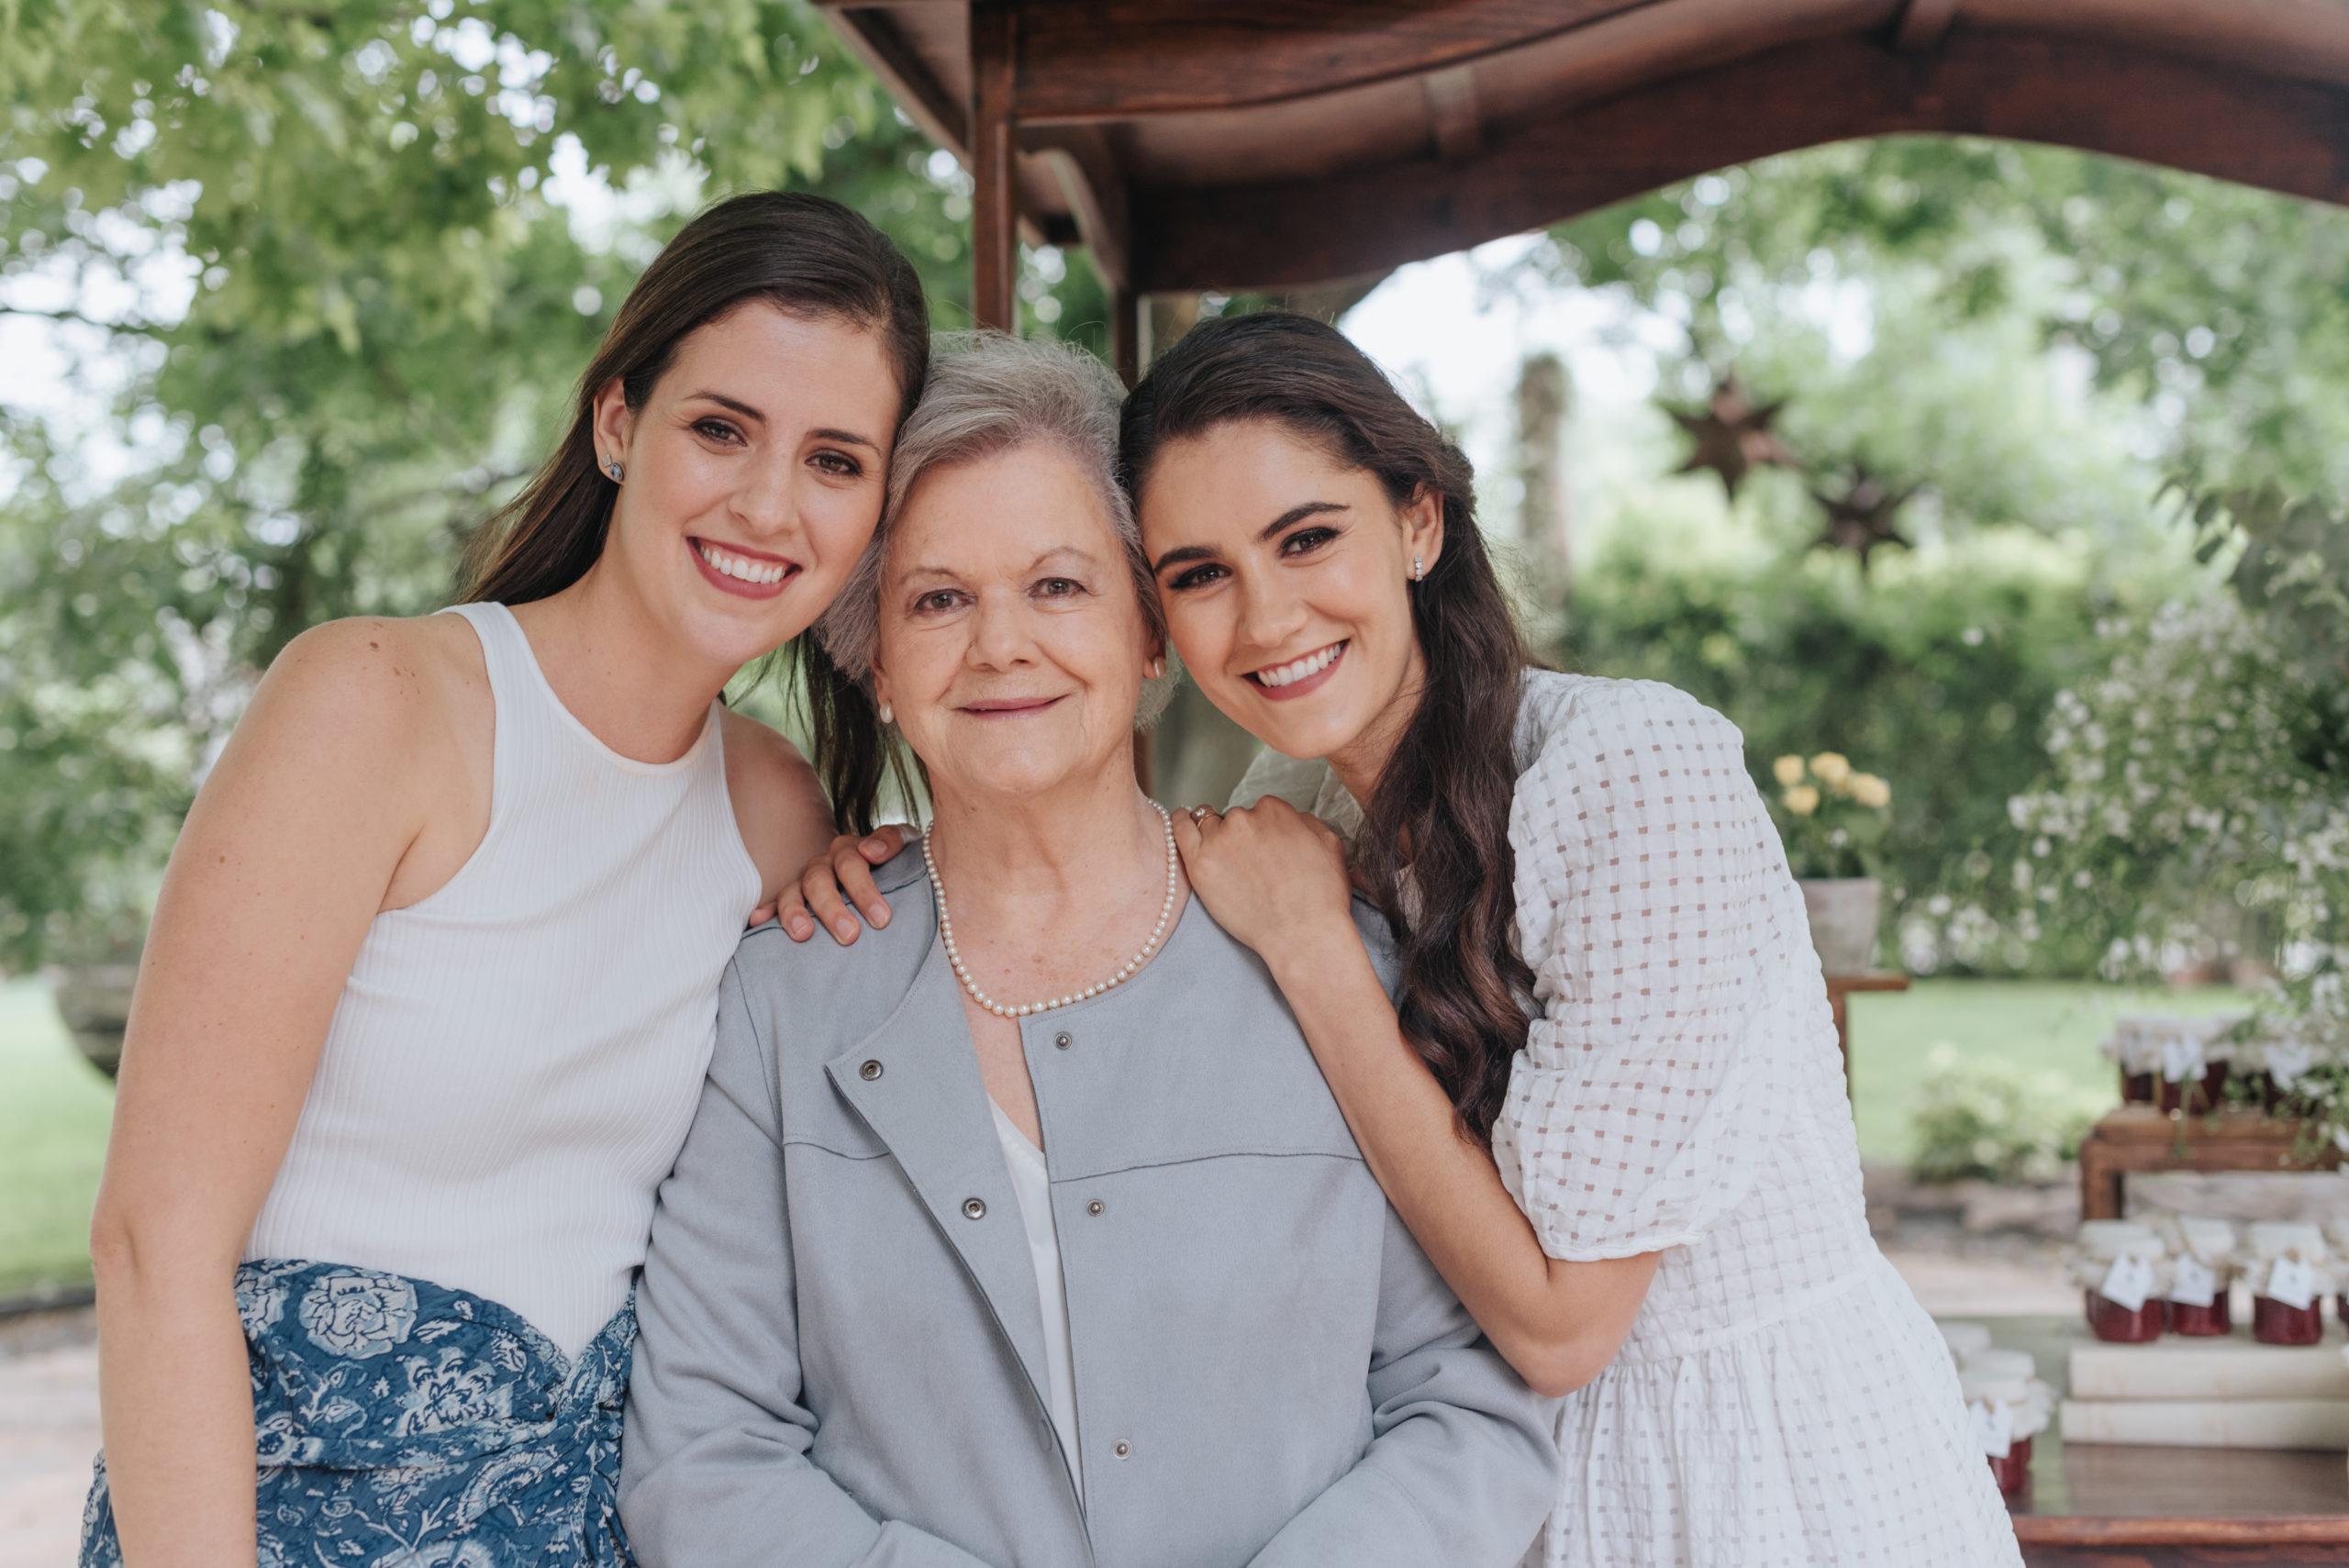 Sofía Herrera, Sofía Villarreal y Ana Gaby Herrera.